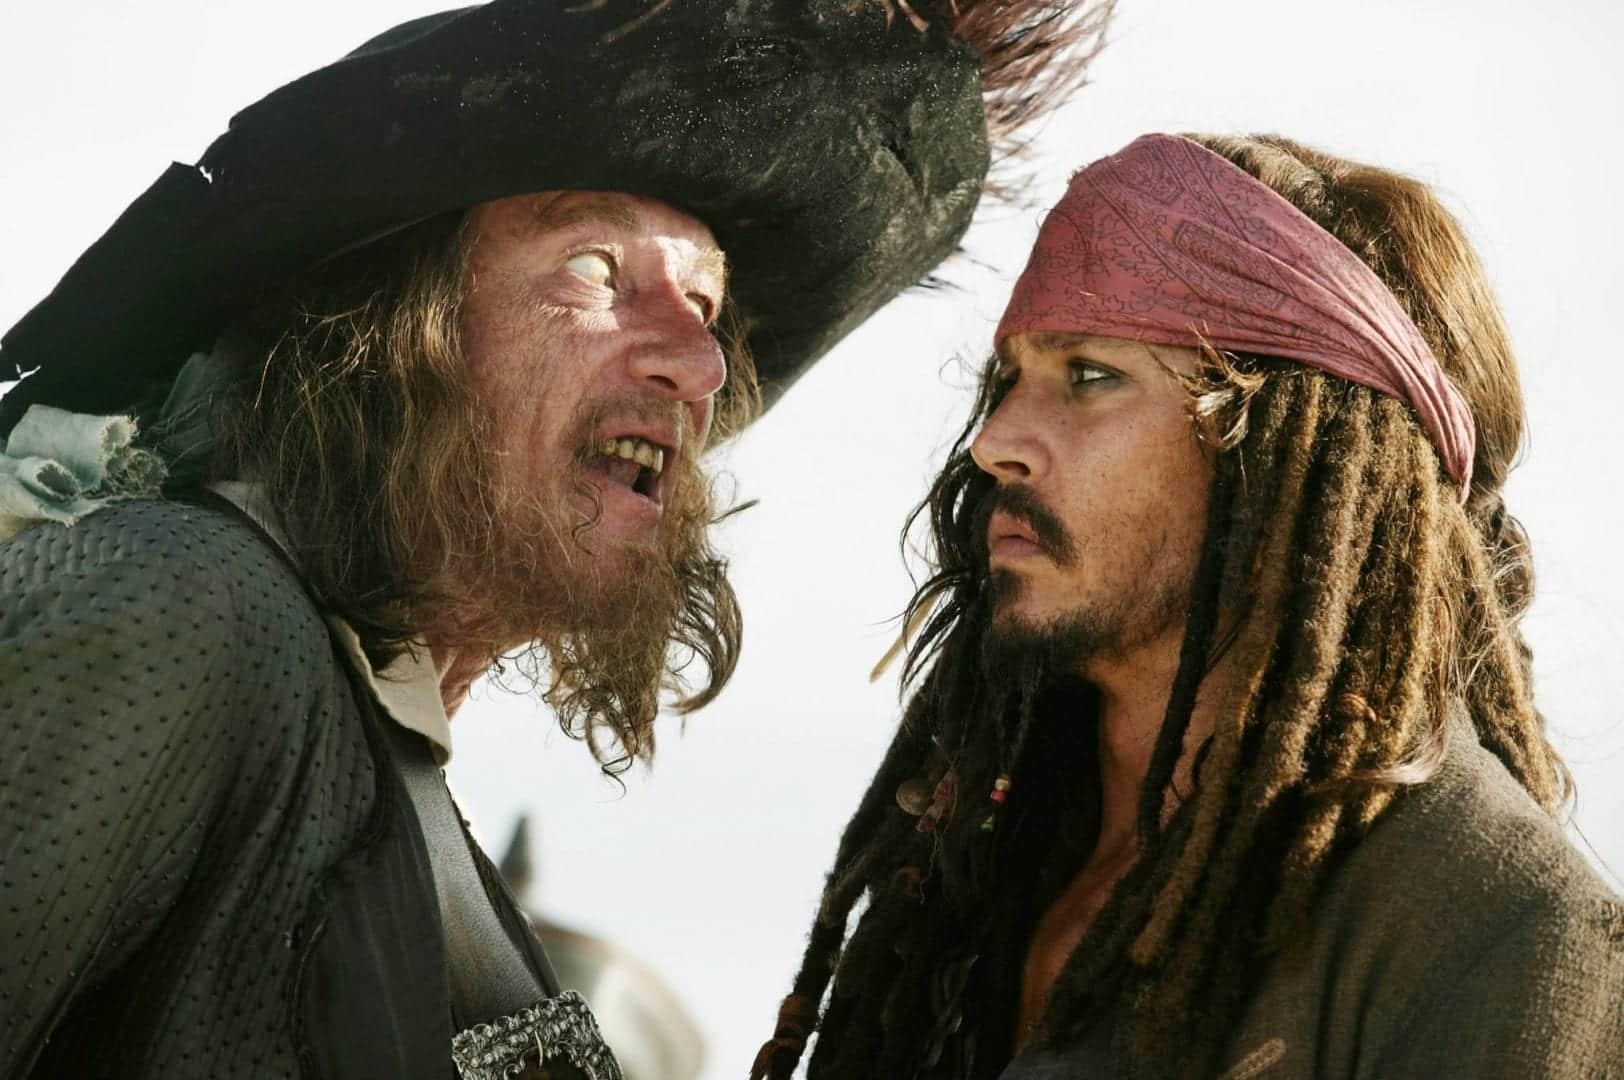 Piratas - Quem eram, o que faziam, a história da pirataria e piratas atuais